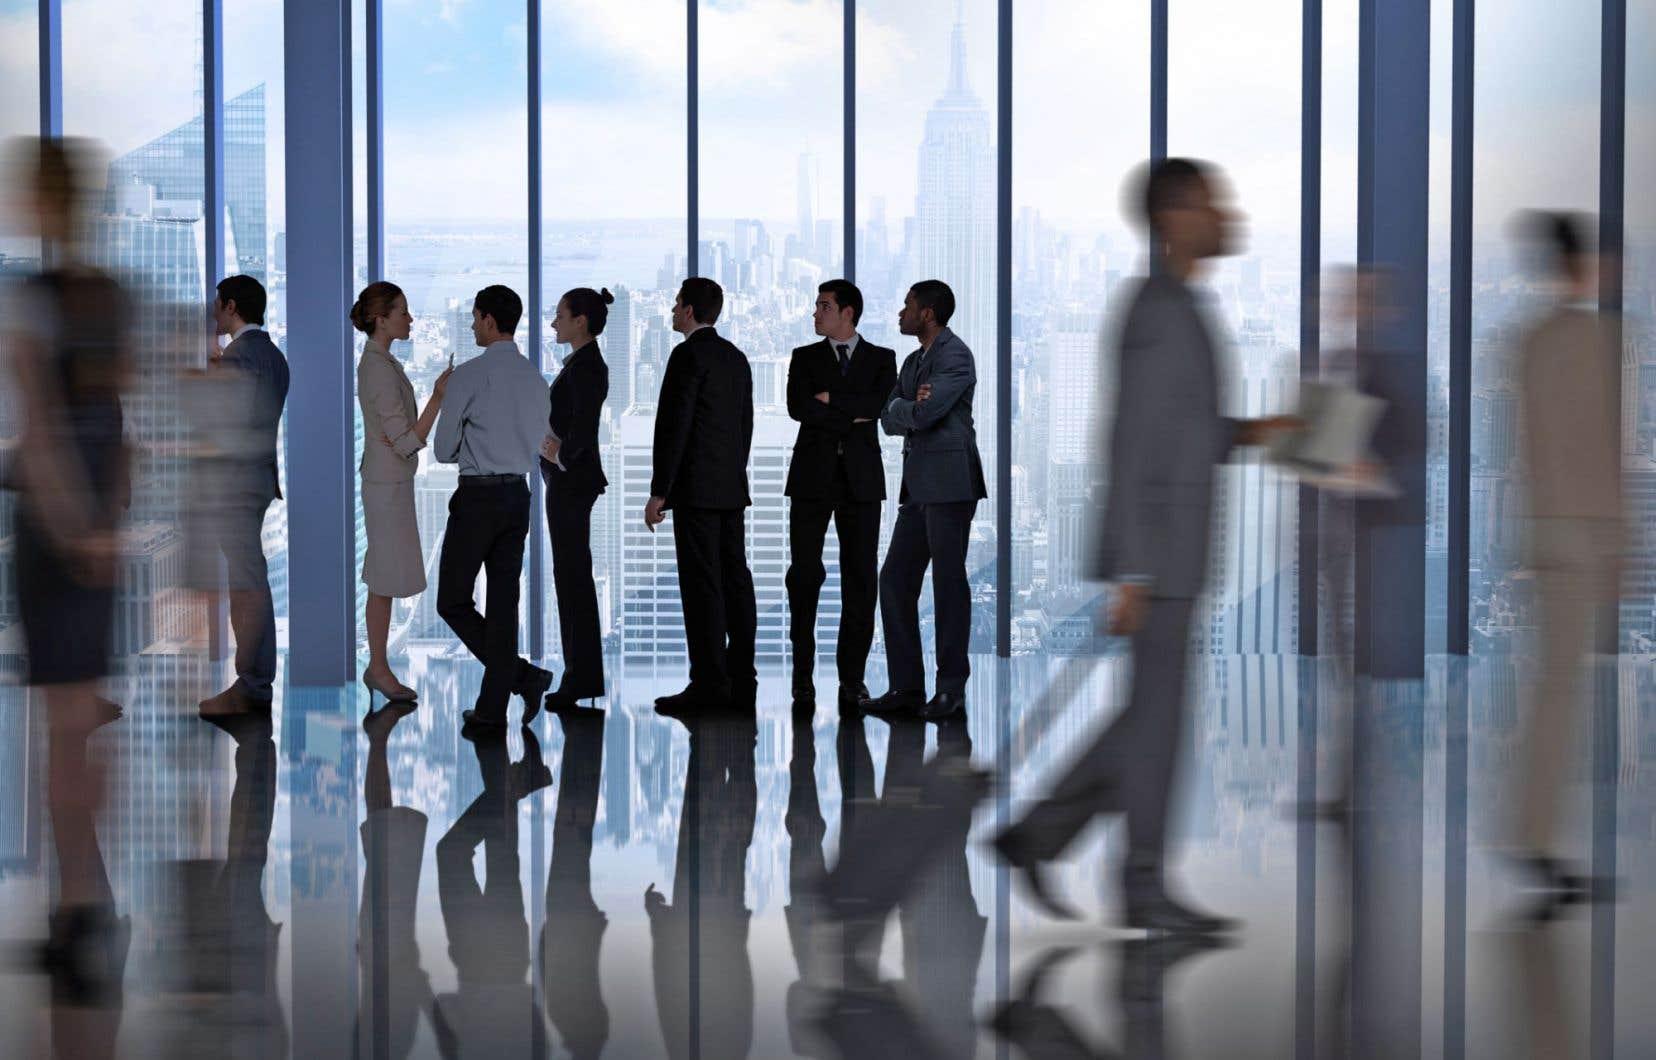 Selon l'étude de McKinsey Company, plus il y a d'écart entre concurrents en matière de diversité, plus l'avantage que peut en tirer une compagnie est grand.